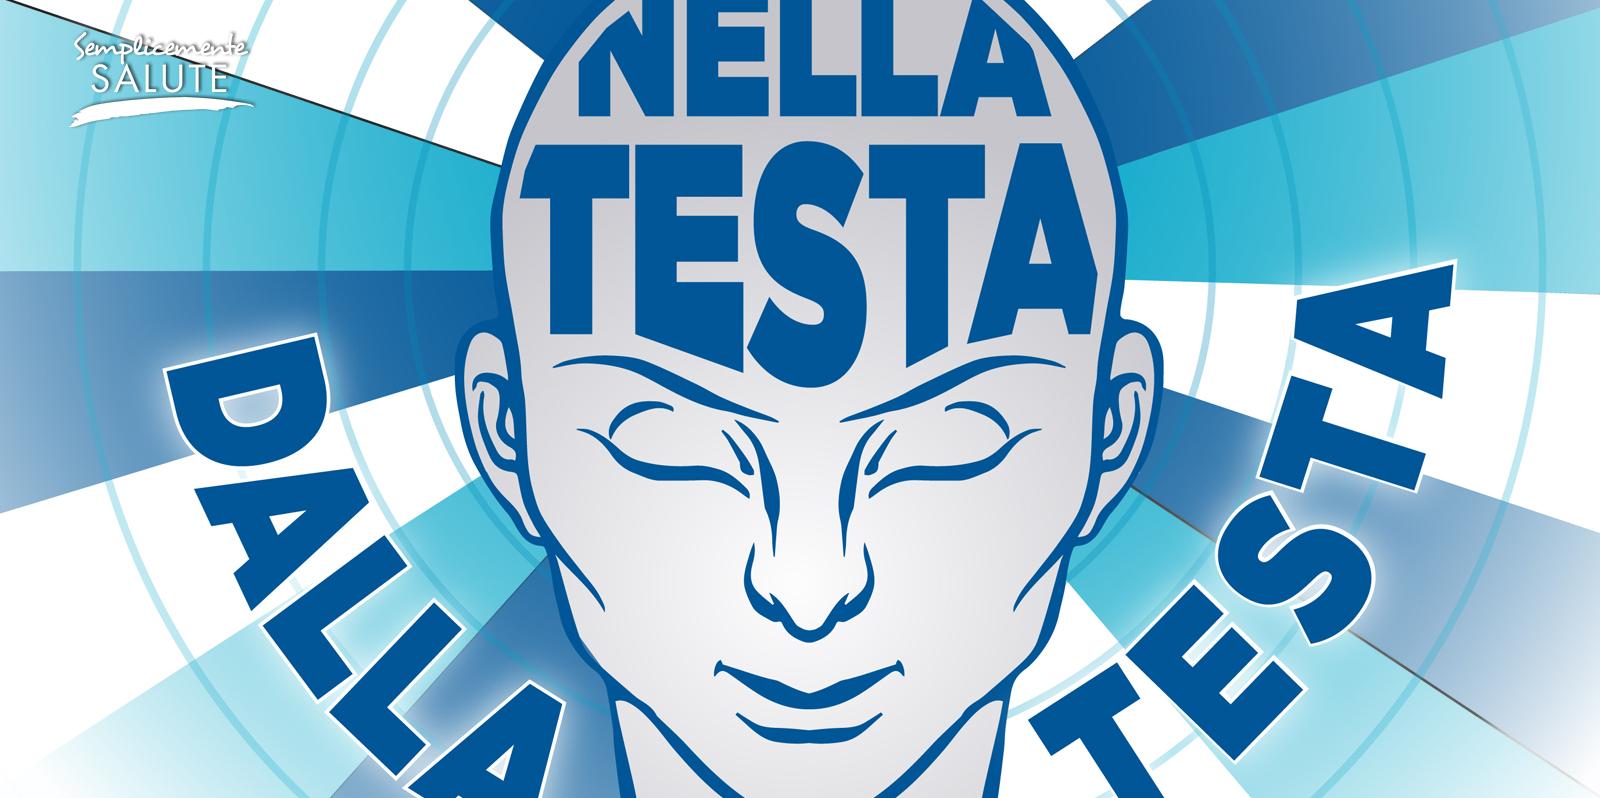 LO STRESS-COMPAGNO DI VITA PER 9 ITALIANI SU 10